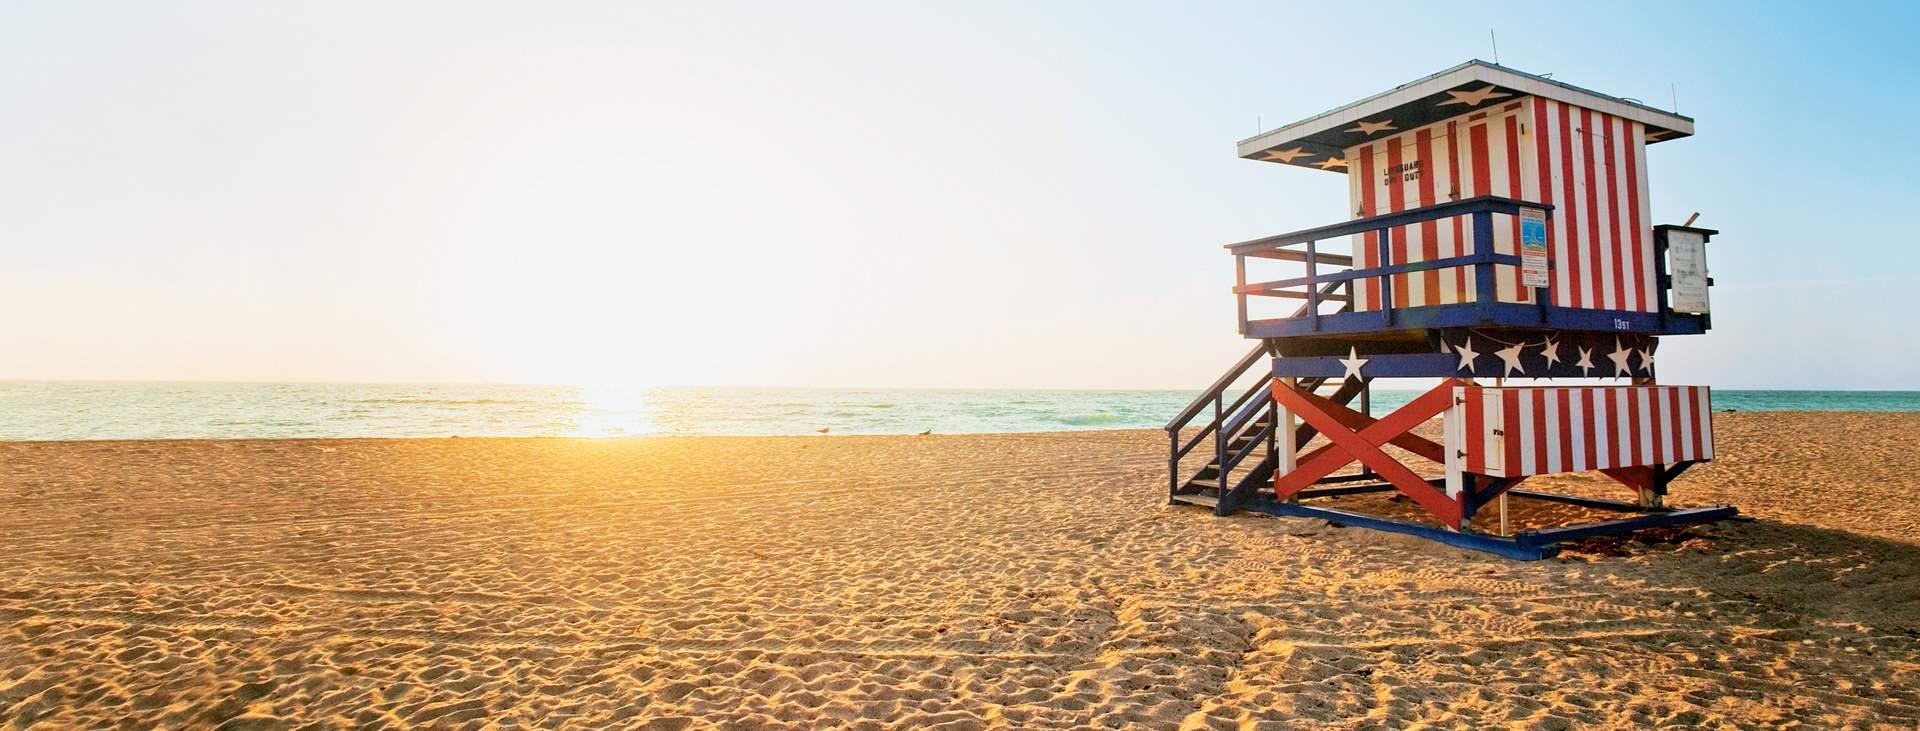 Varaa Tjärebogin matka Miami Beachille Florisaan ja koe USA